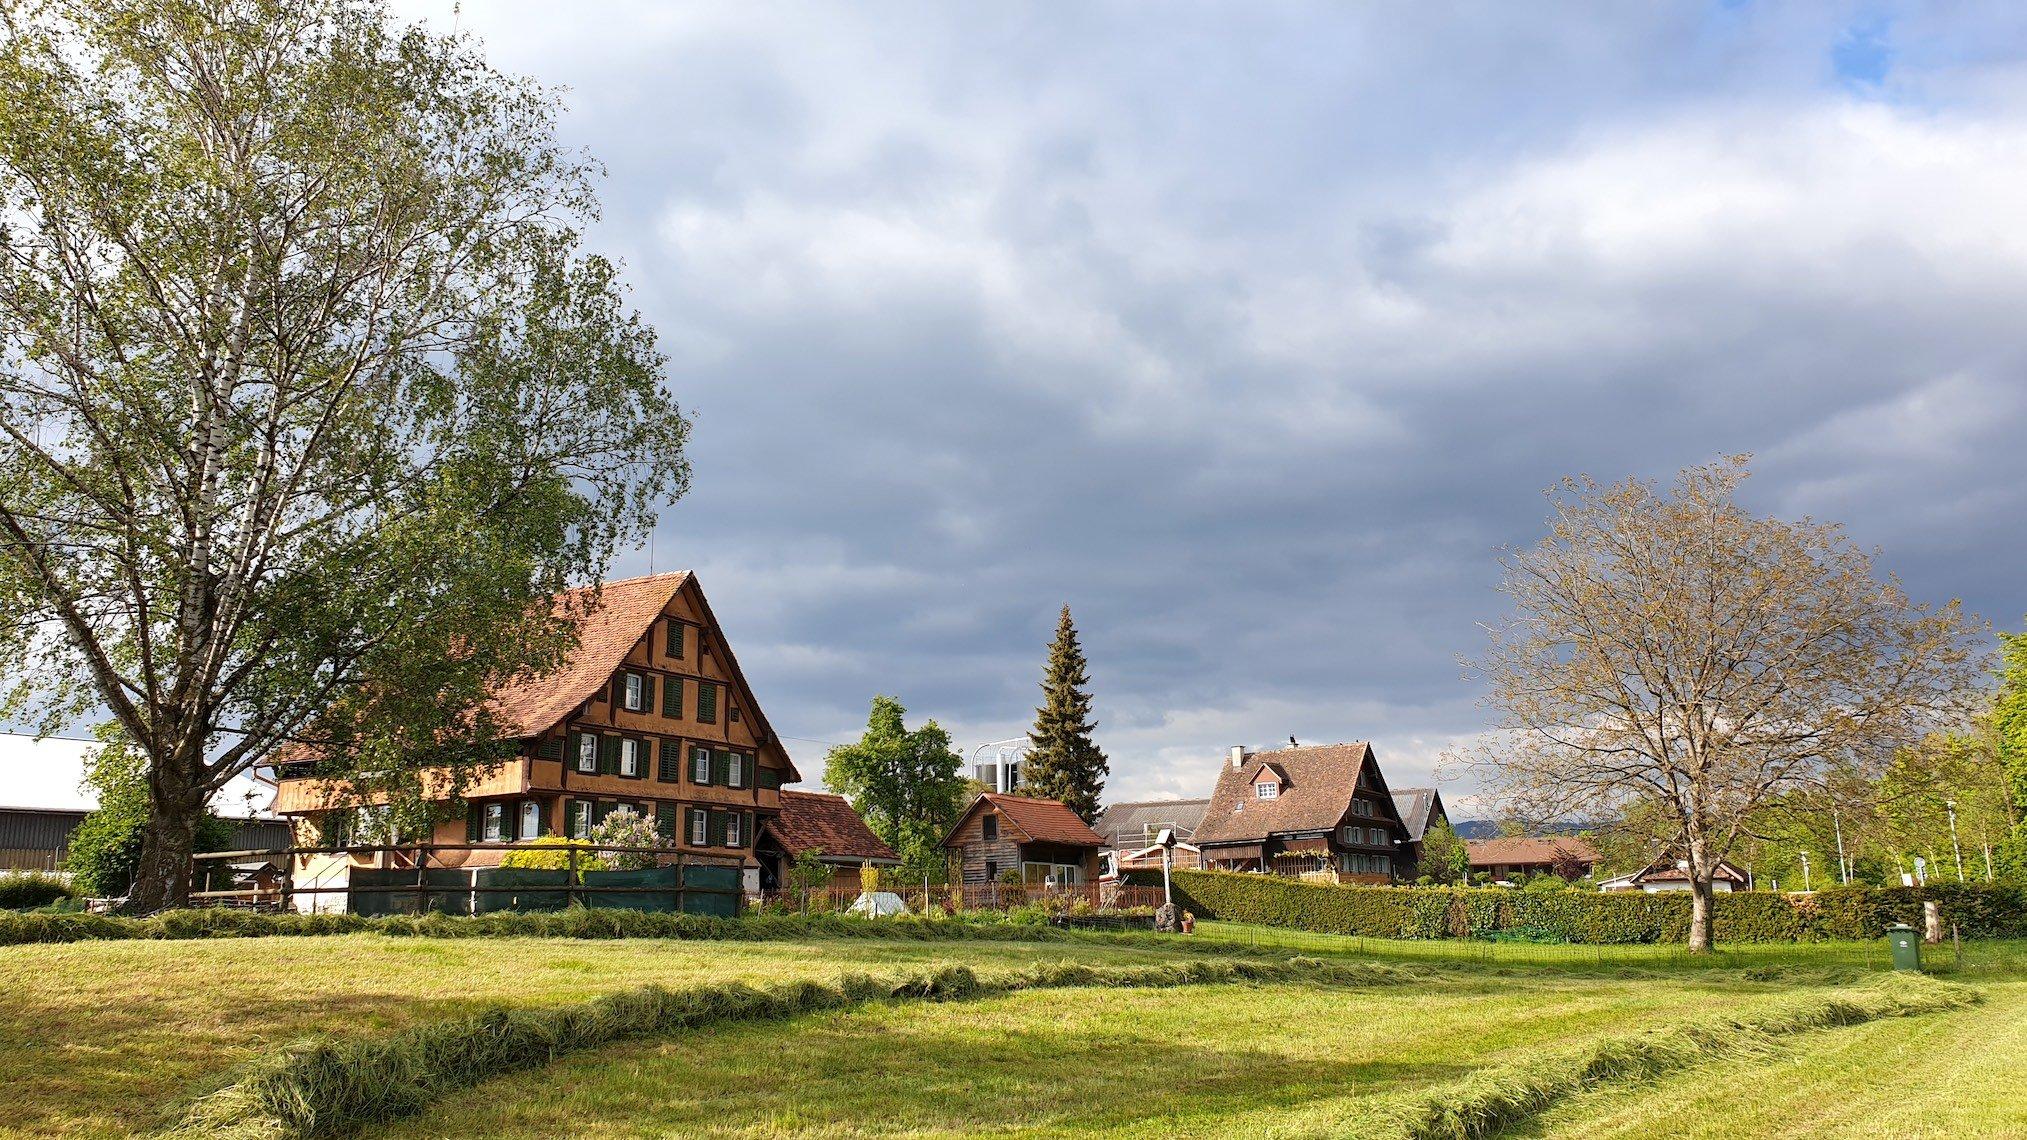 Camping-Gelände des «Eidgenössichen»: Hinter diesen Häusern an der Letzi.